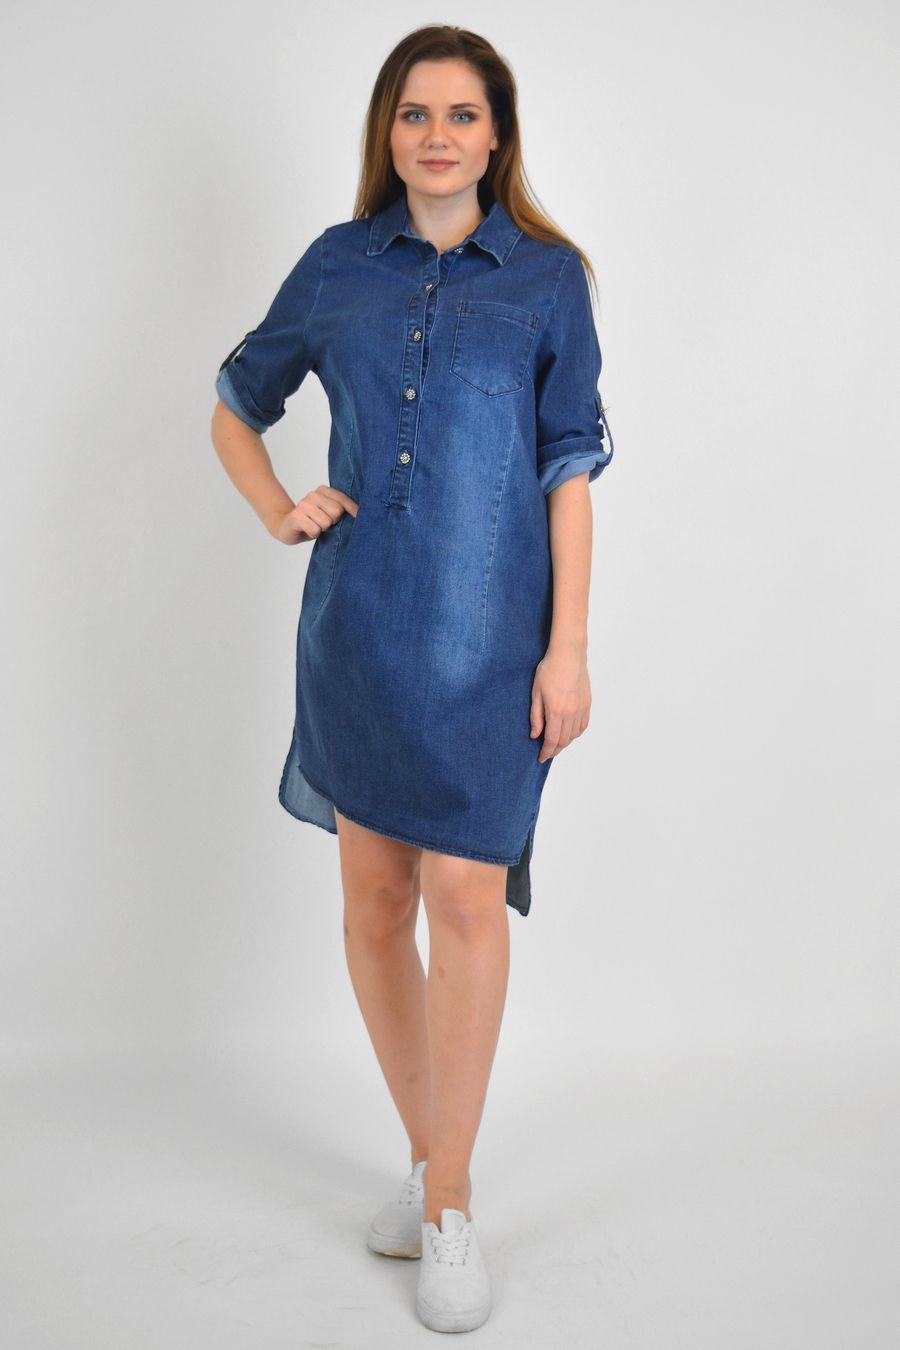 Платье женское Baccino M006 джинсовое - фото 1